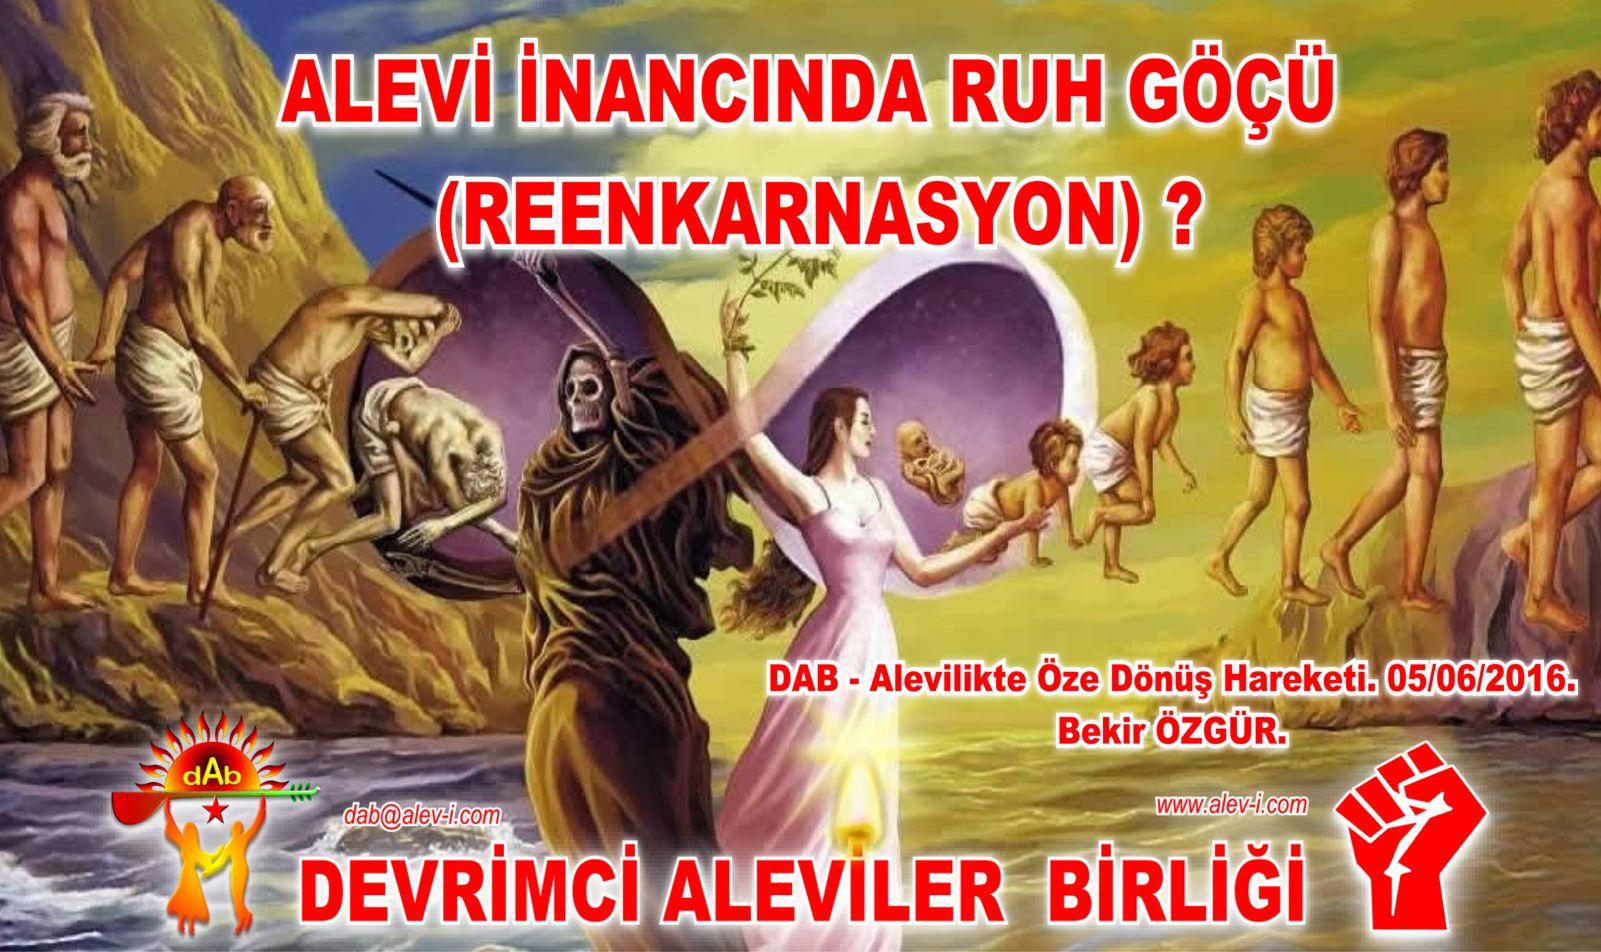 Devrimci Aleviler Birliği DAB Alevi Kızılbaş Bektaşi pir sultan cem hz Ali 12 imam semah Feramuz Şah Acar reenkarnasyon dab devriye